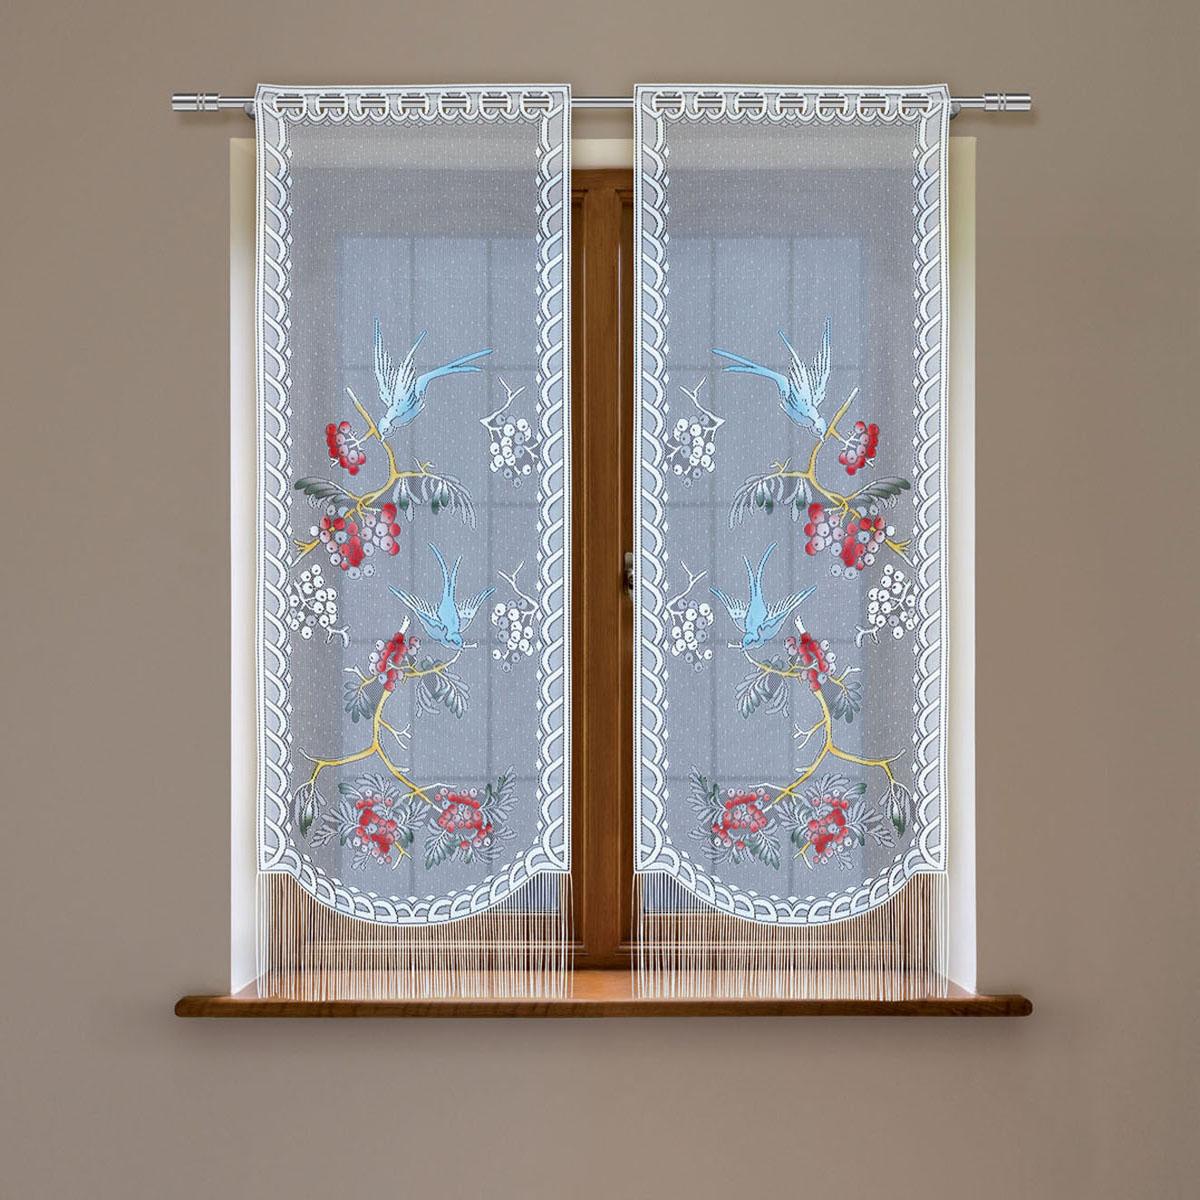 Комплект гардин Haft, на петлях, цвет: белый, высота 160 см, 2 шт. 5383С